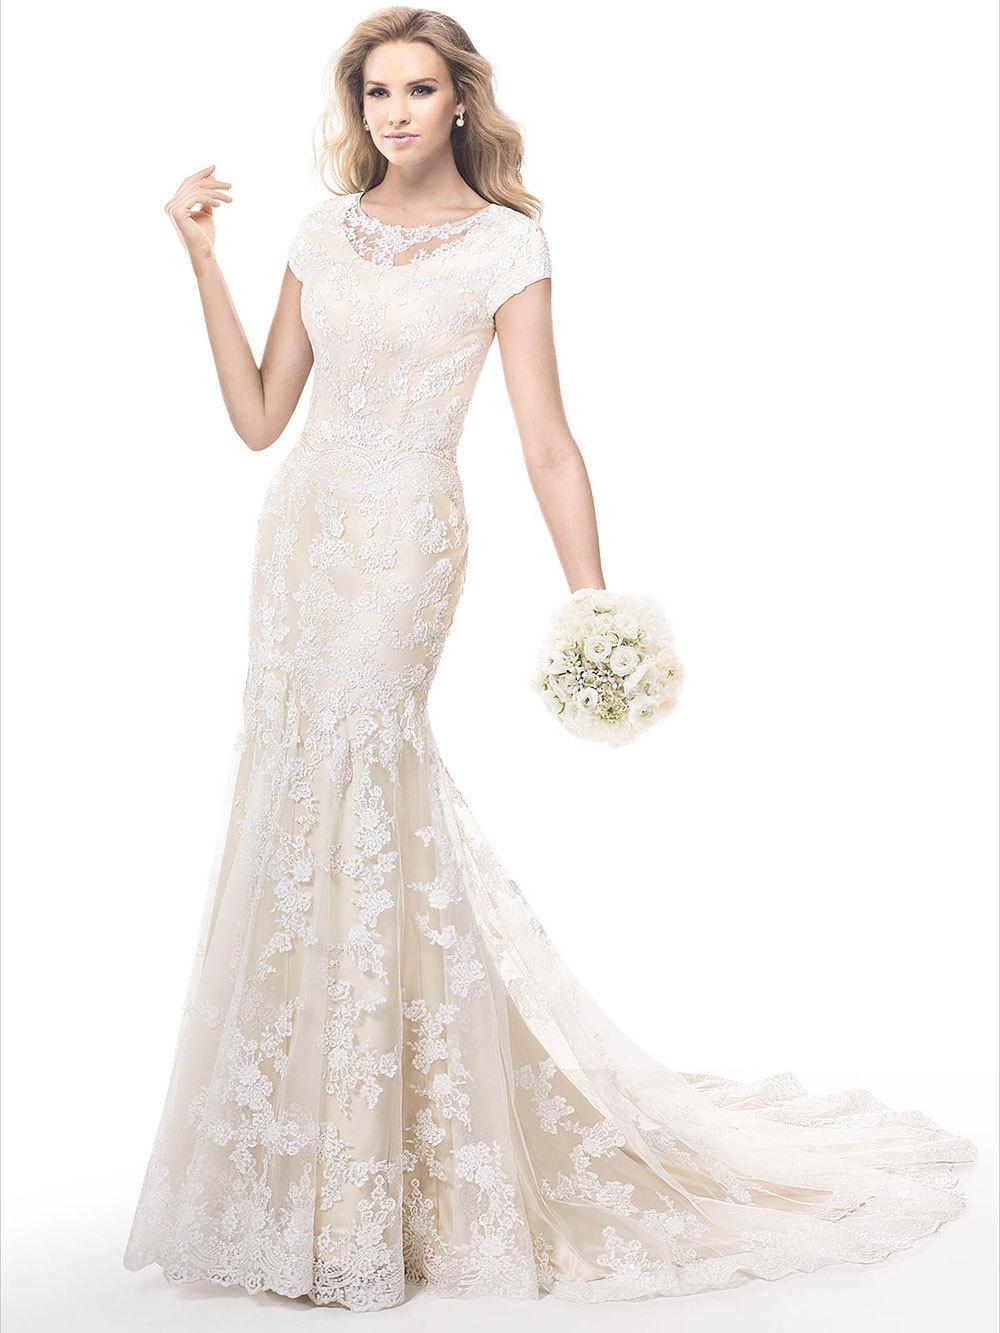 Brautkleid Nadine von Maggie Sottero auf Ja.de